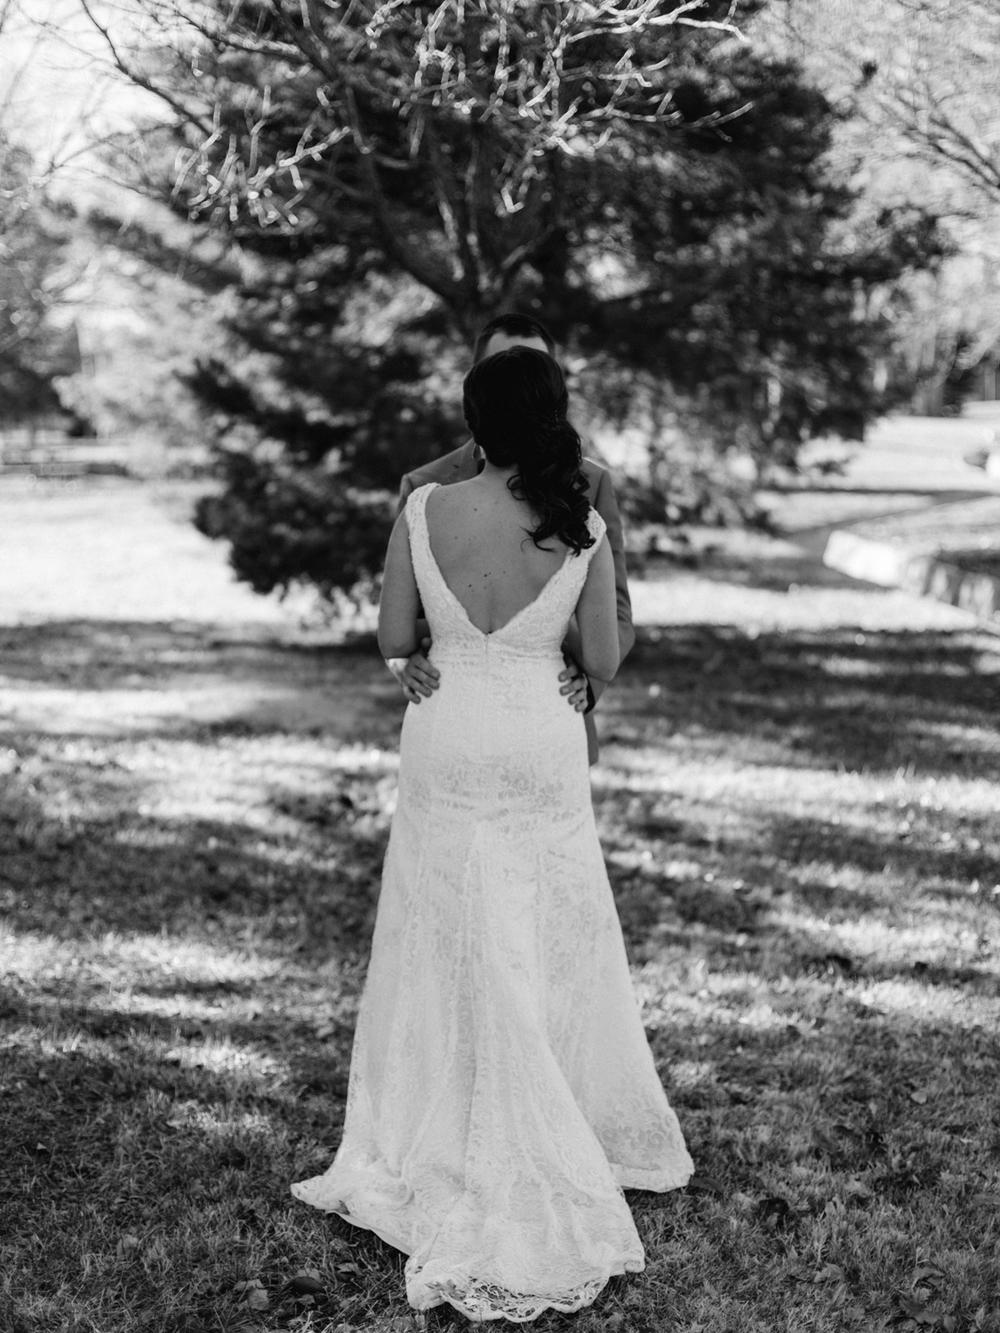 Garden City Wedding Photographer - Neal Dieker - Wichita, Kansas Wedding Photographer-144.jpg